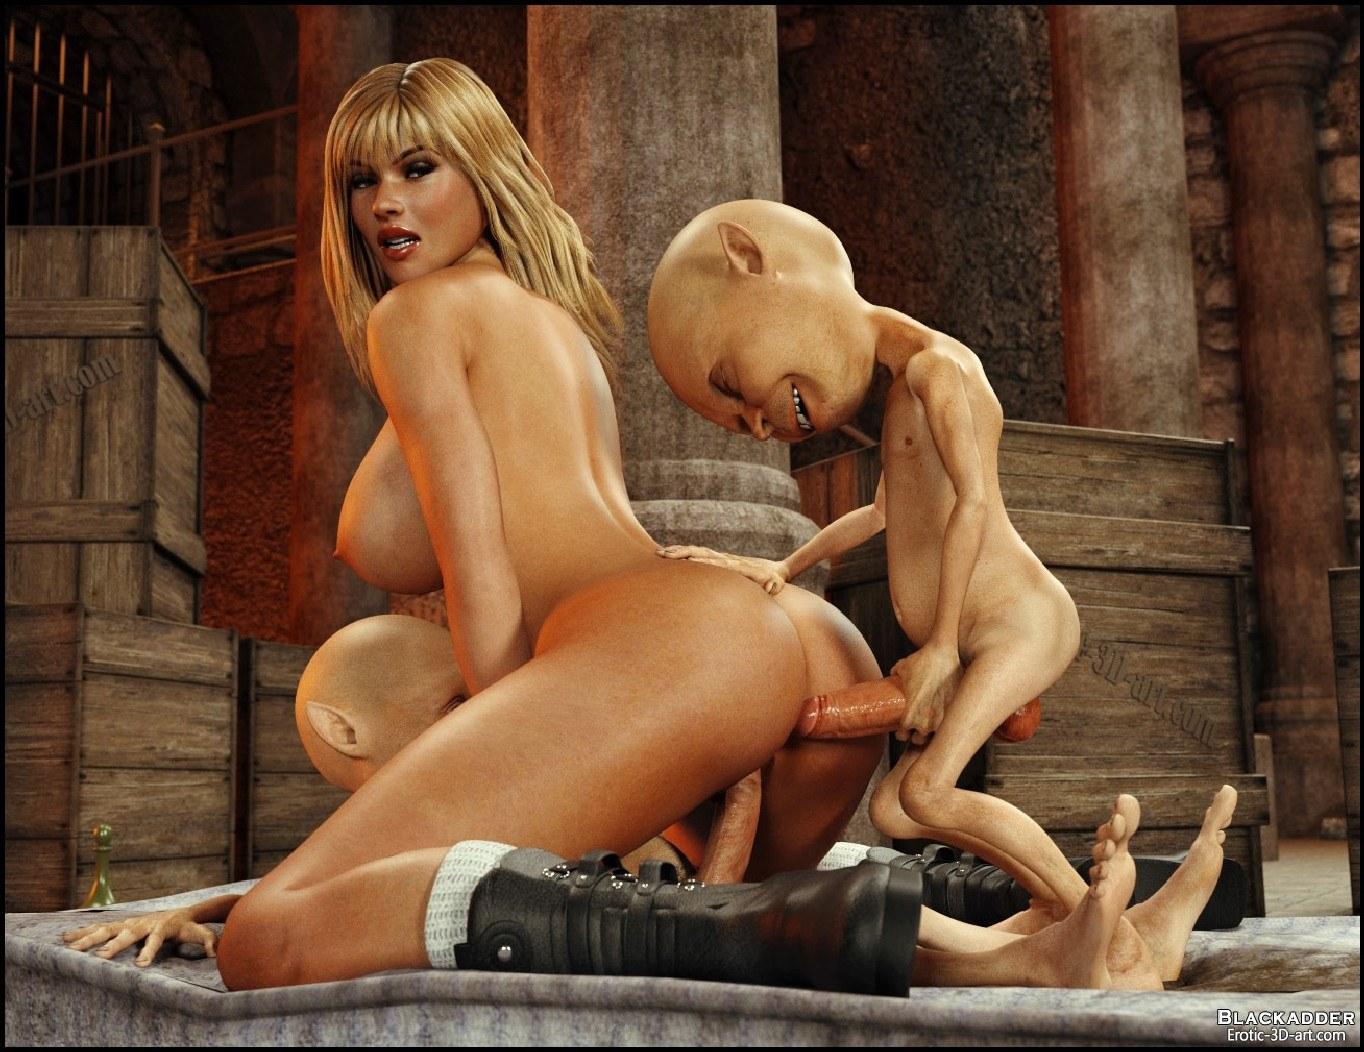 Секс с монстрами video, Секс мульт с монстрами - порно видео онлайн, смотреть 11 фотография